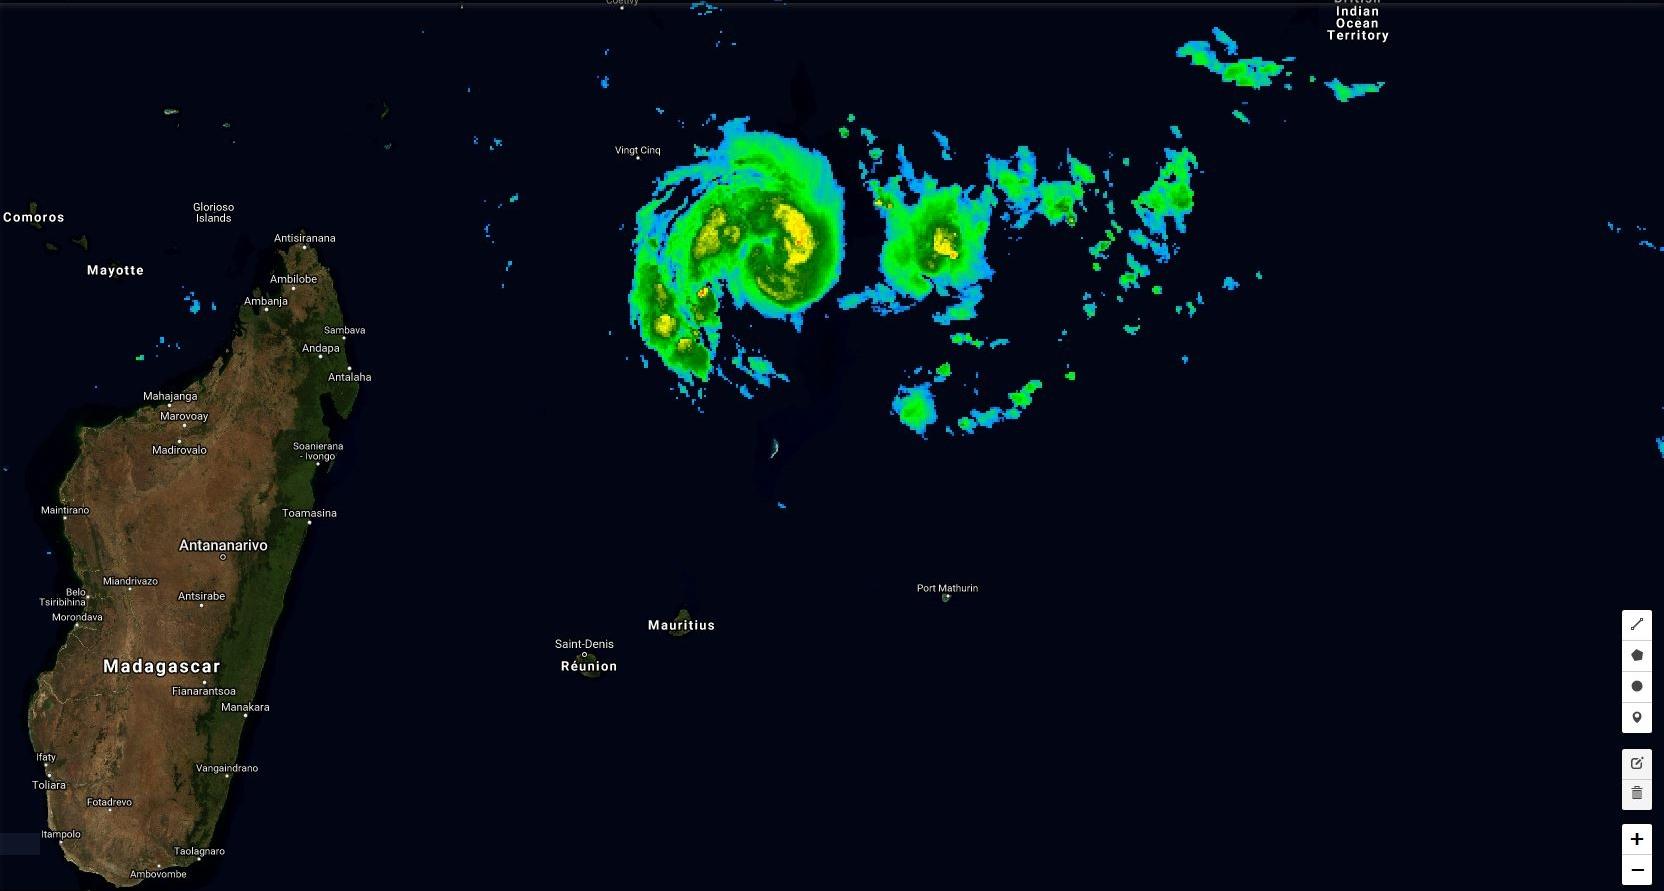 La tempête CILIDA s'intensifie à environ 500km de Saint Brandon.